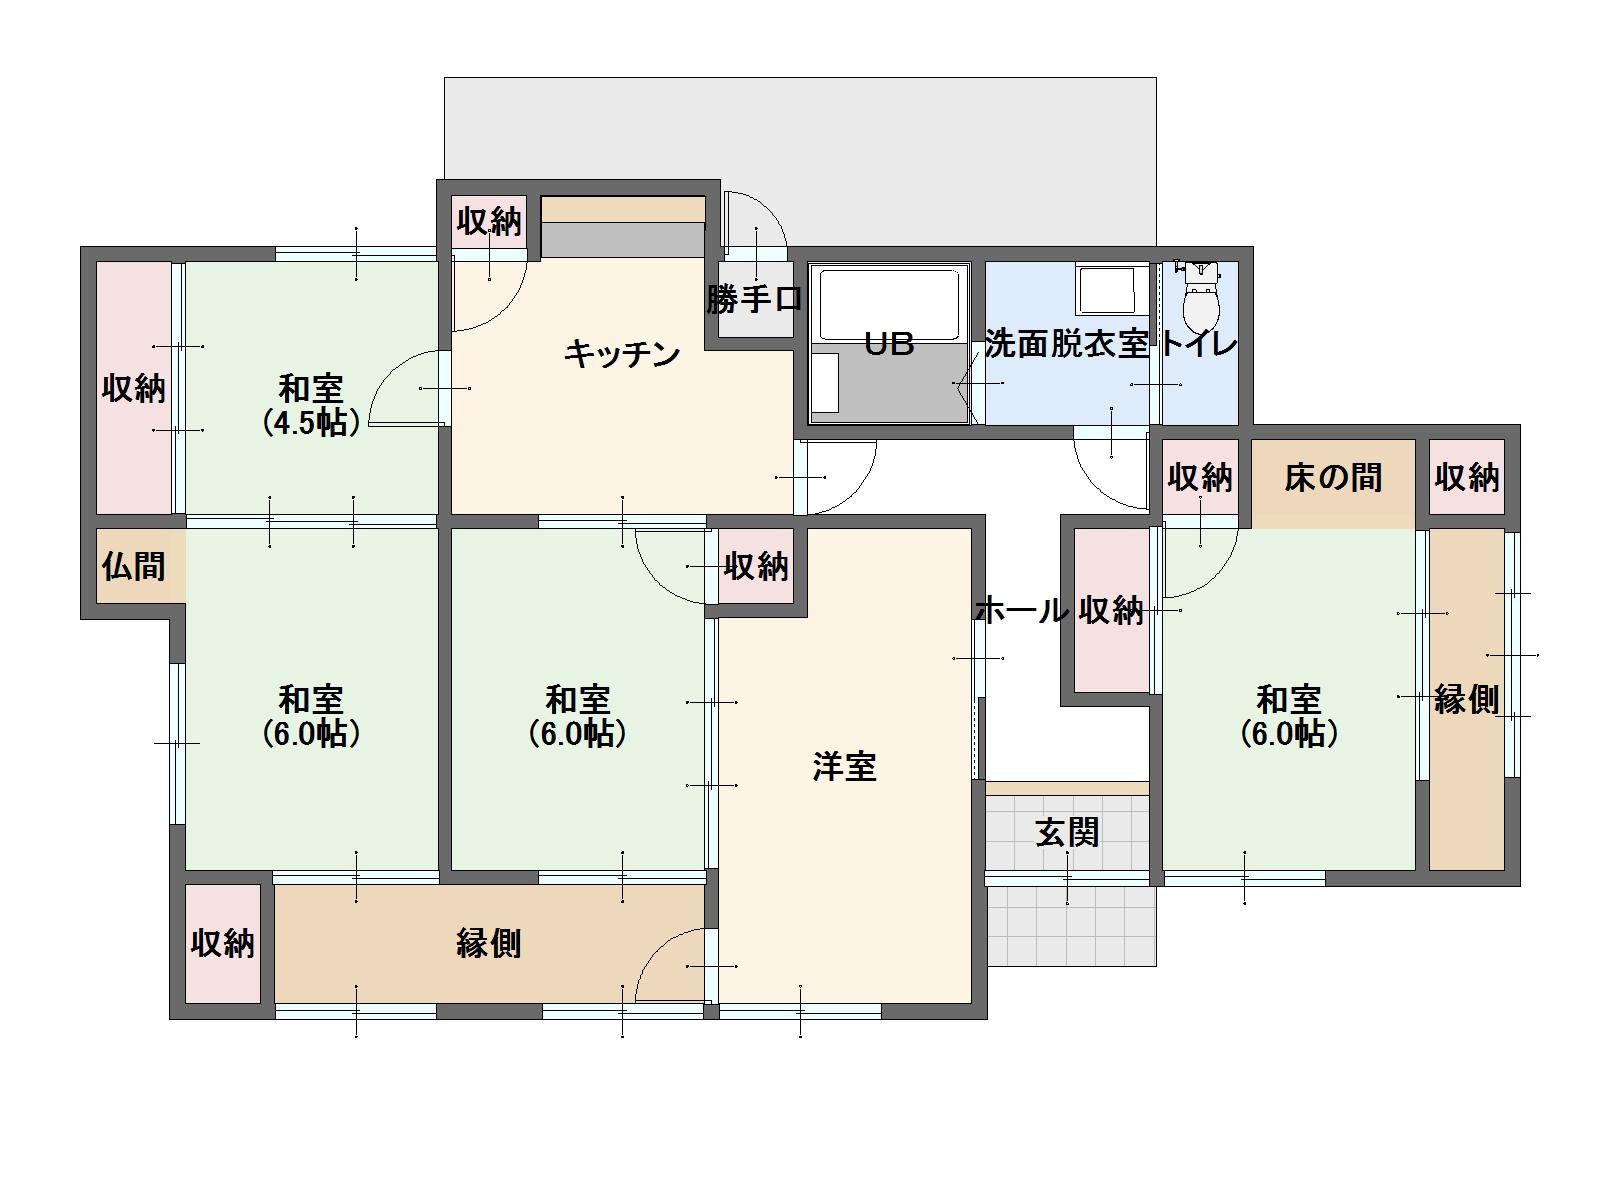 田島 平屋中古住宅 680万円